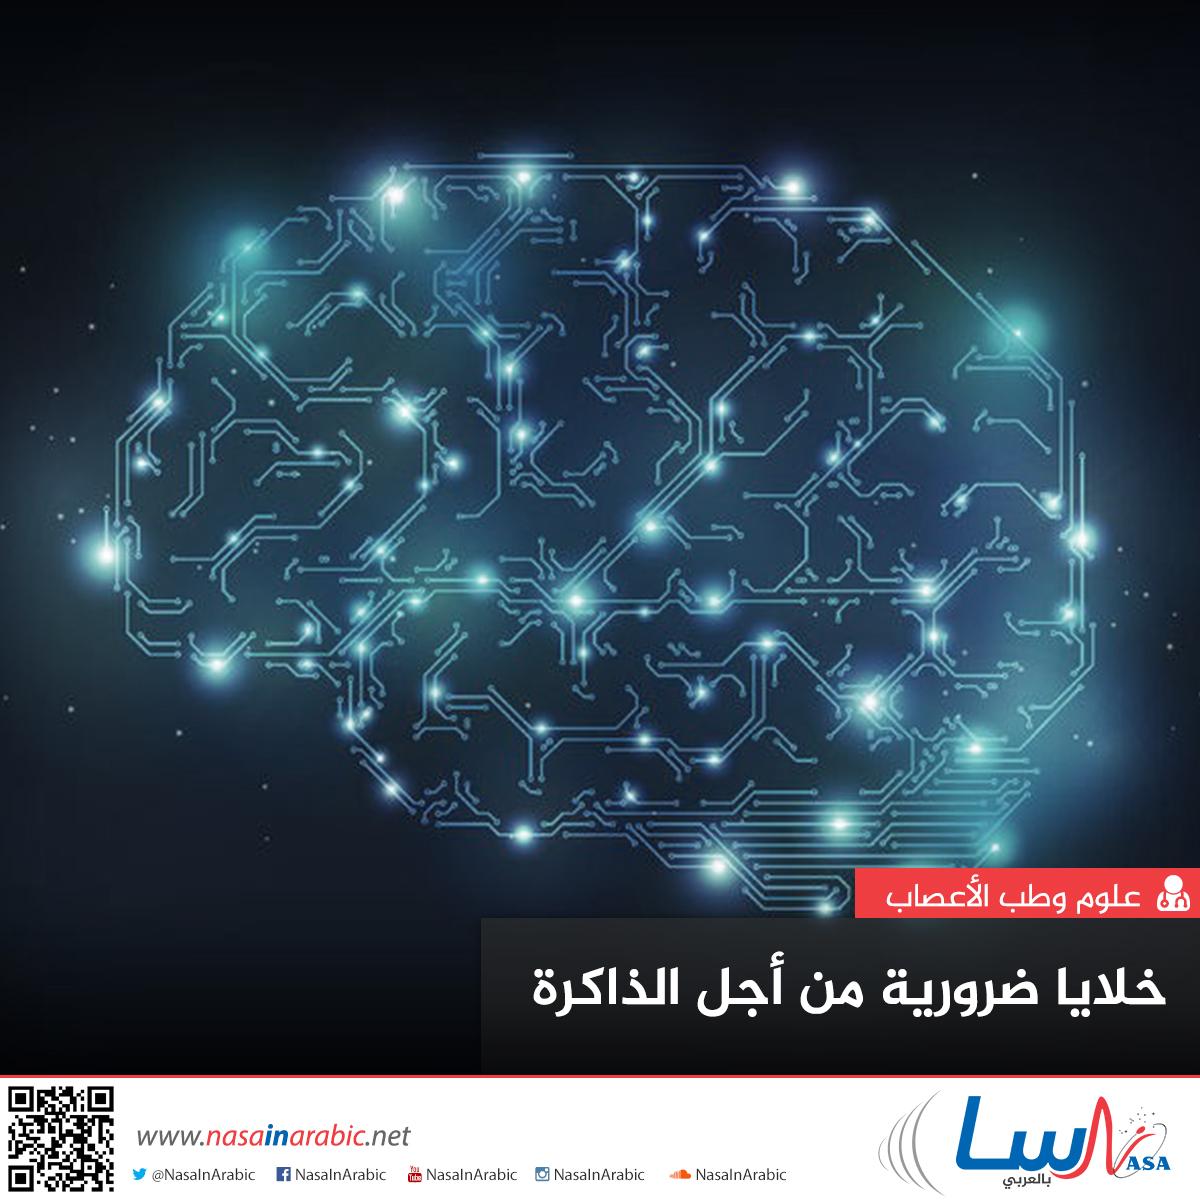 خلايا ضرورية من أجل الذاكرة